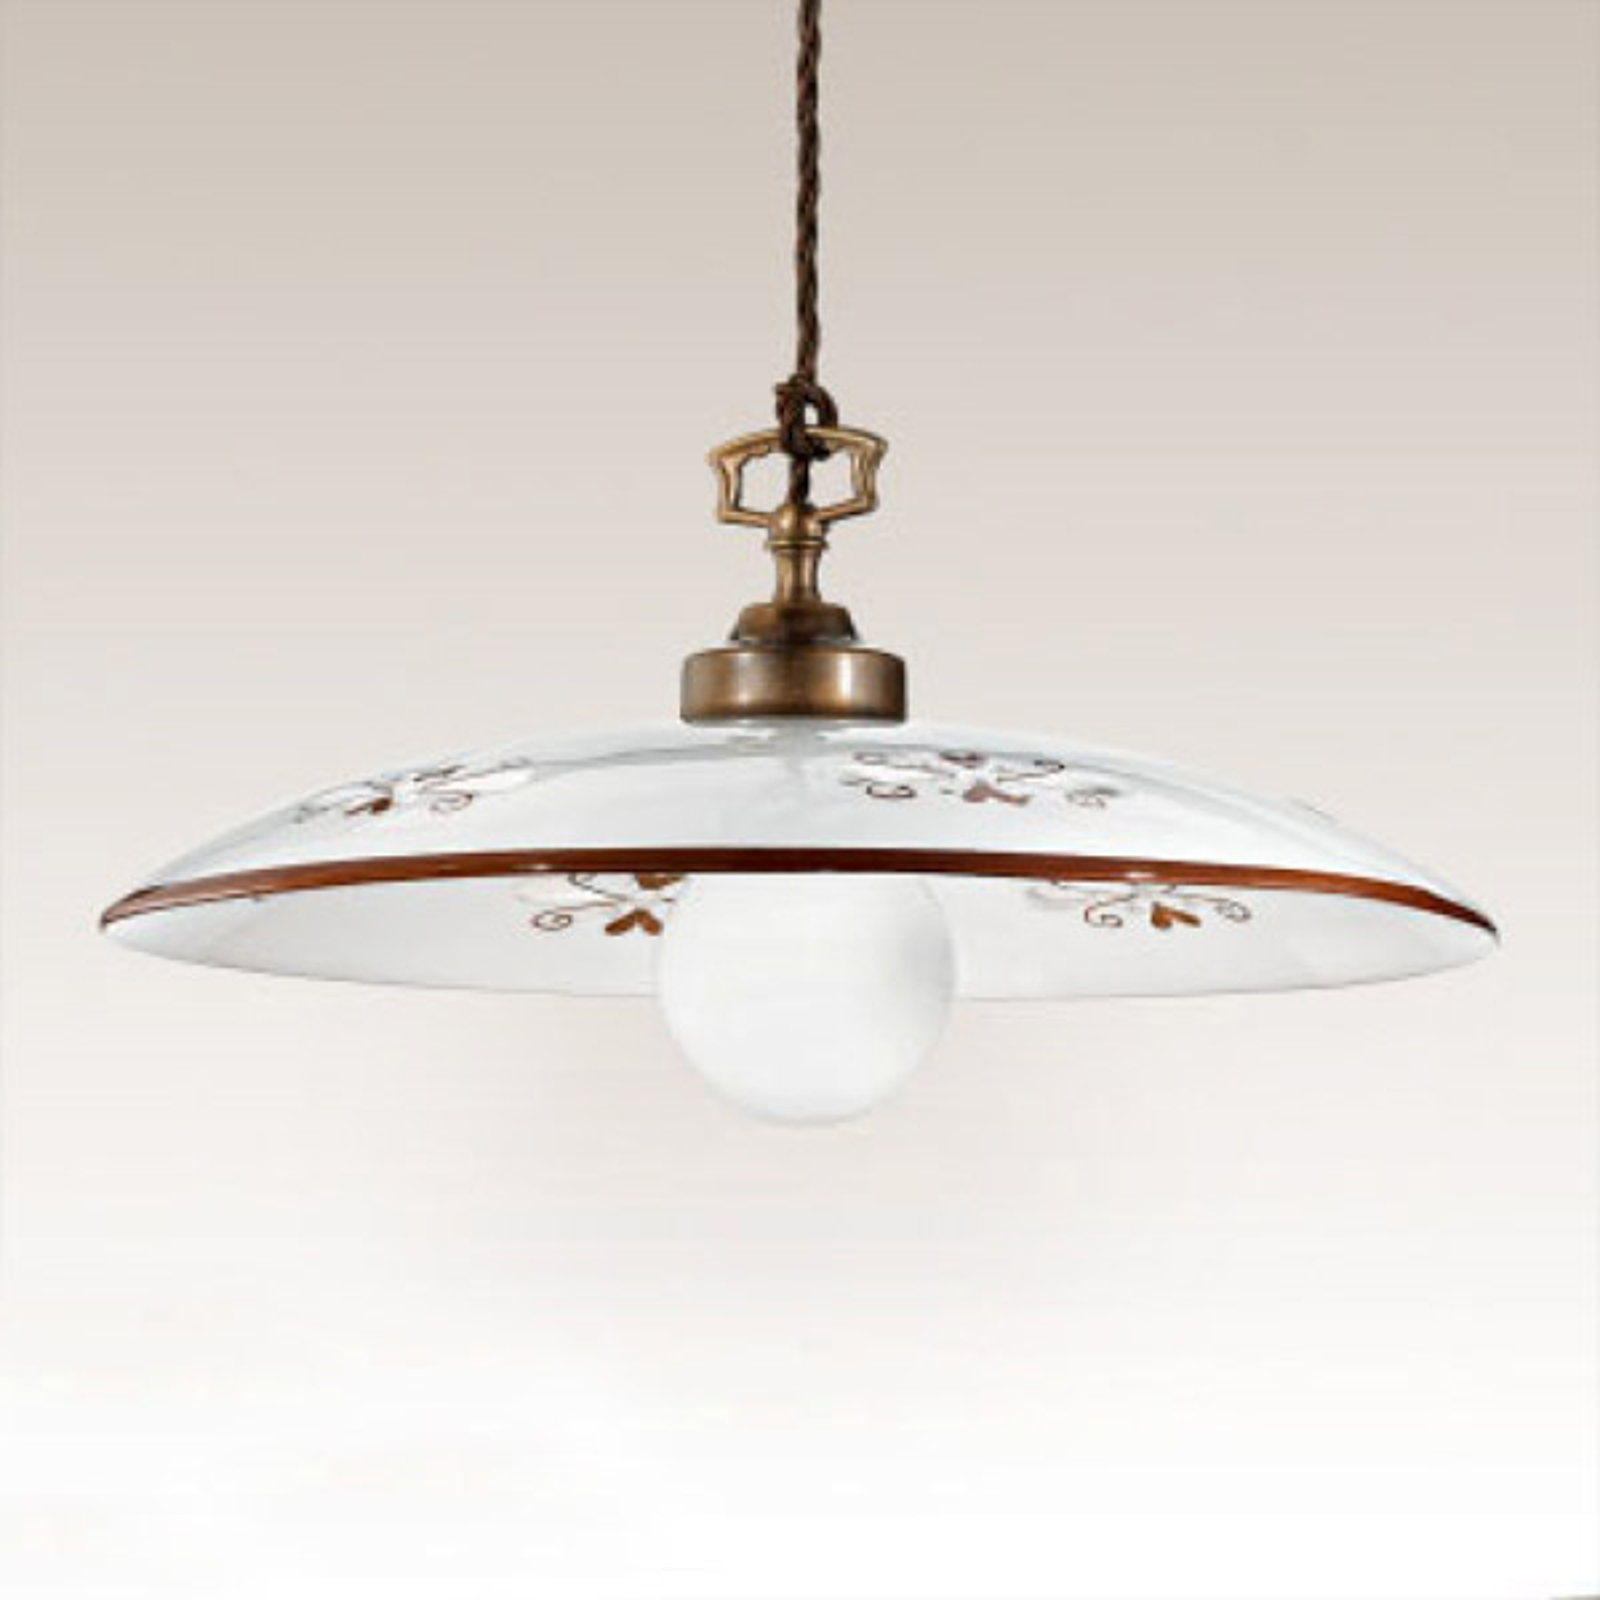 Smaakvolle hanglamp Bassano bruin